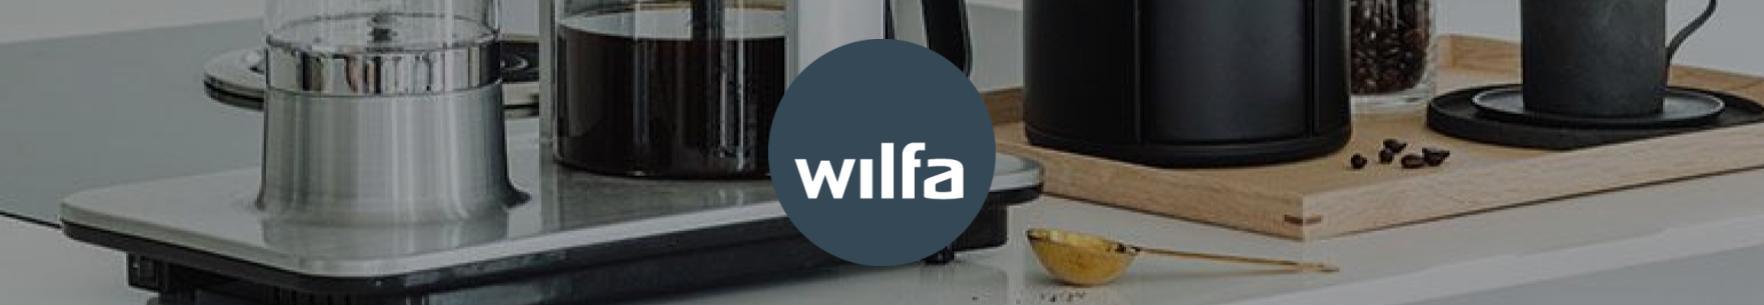 Wilfa kværne, kaffemaskiner og meget mere